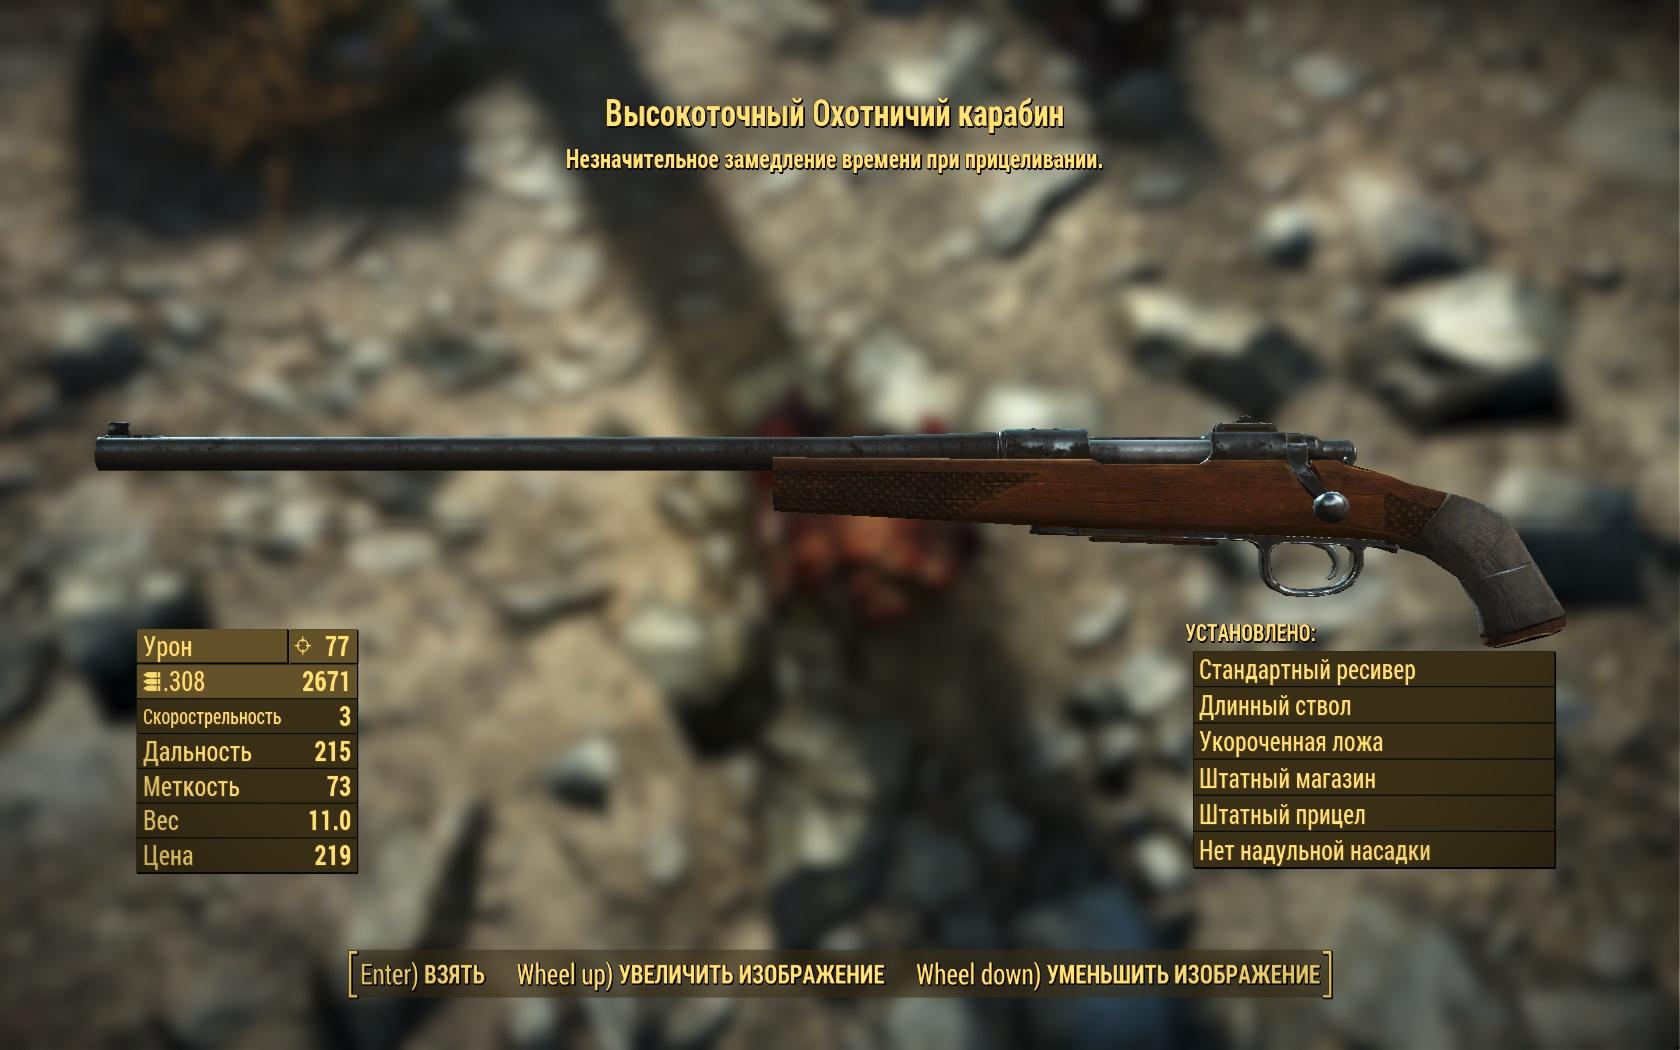 карабин - Fallout 4 Высокоточный, Оружие, охотничий